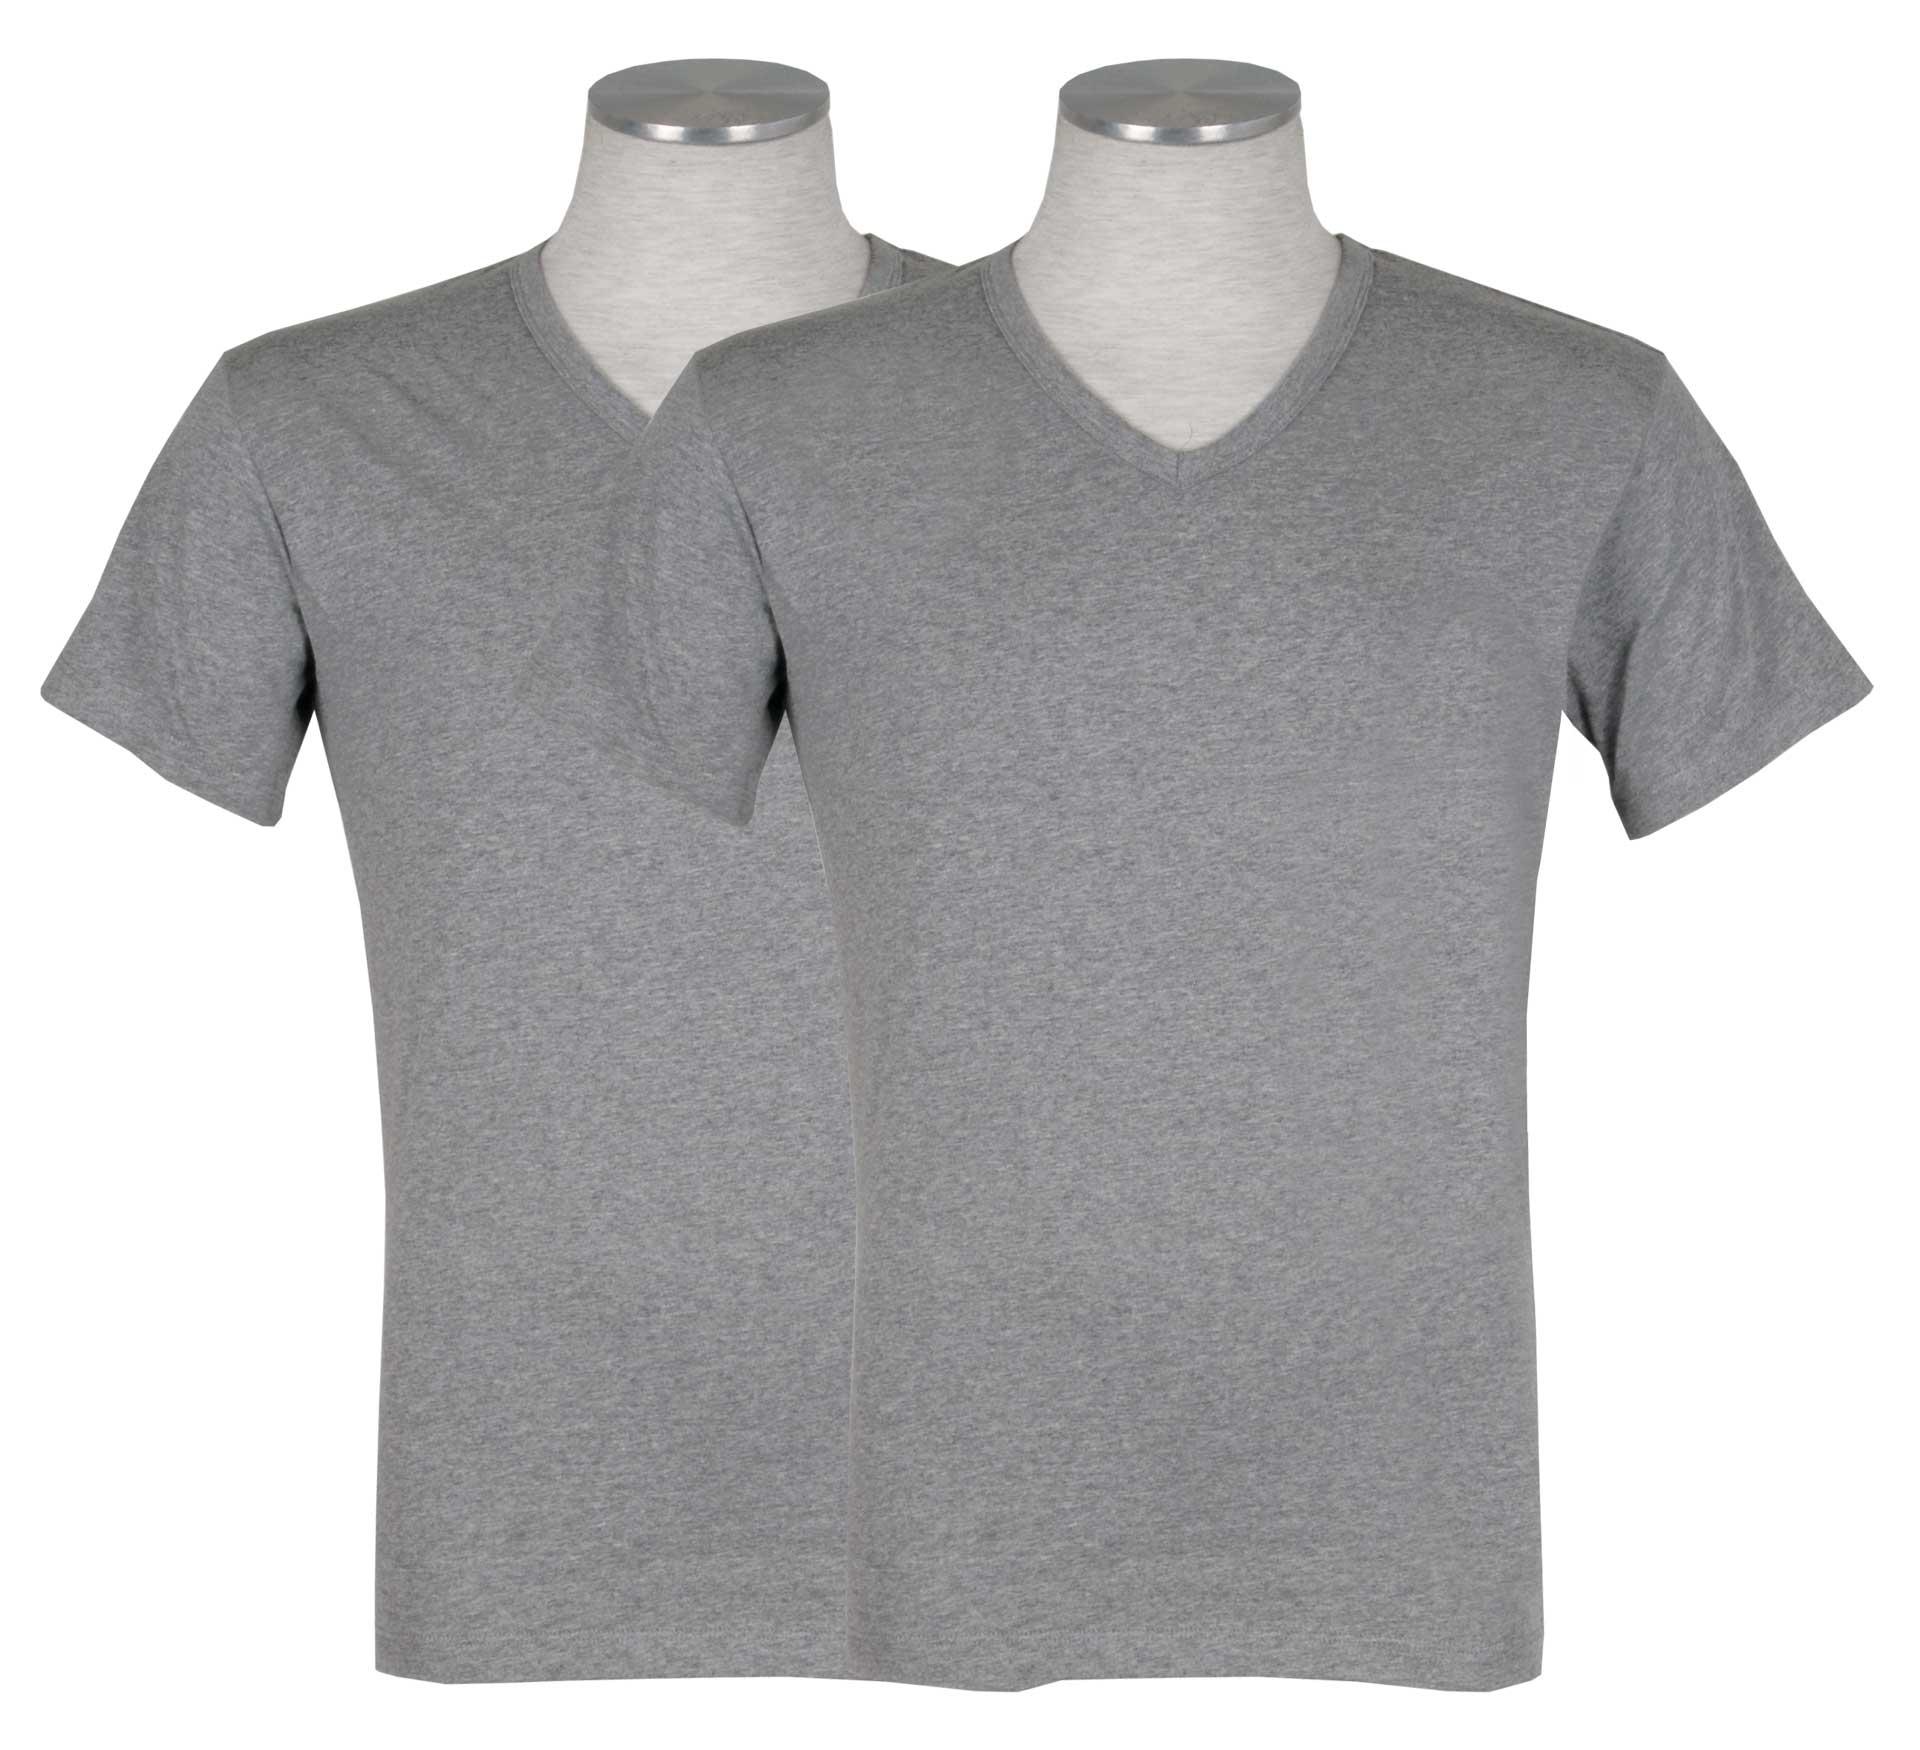 Puma 2-pack V-Neck T-shirt Grijs-M